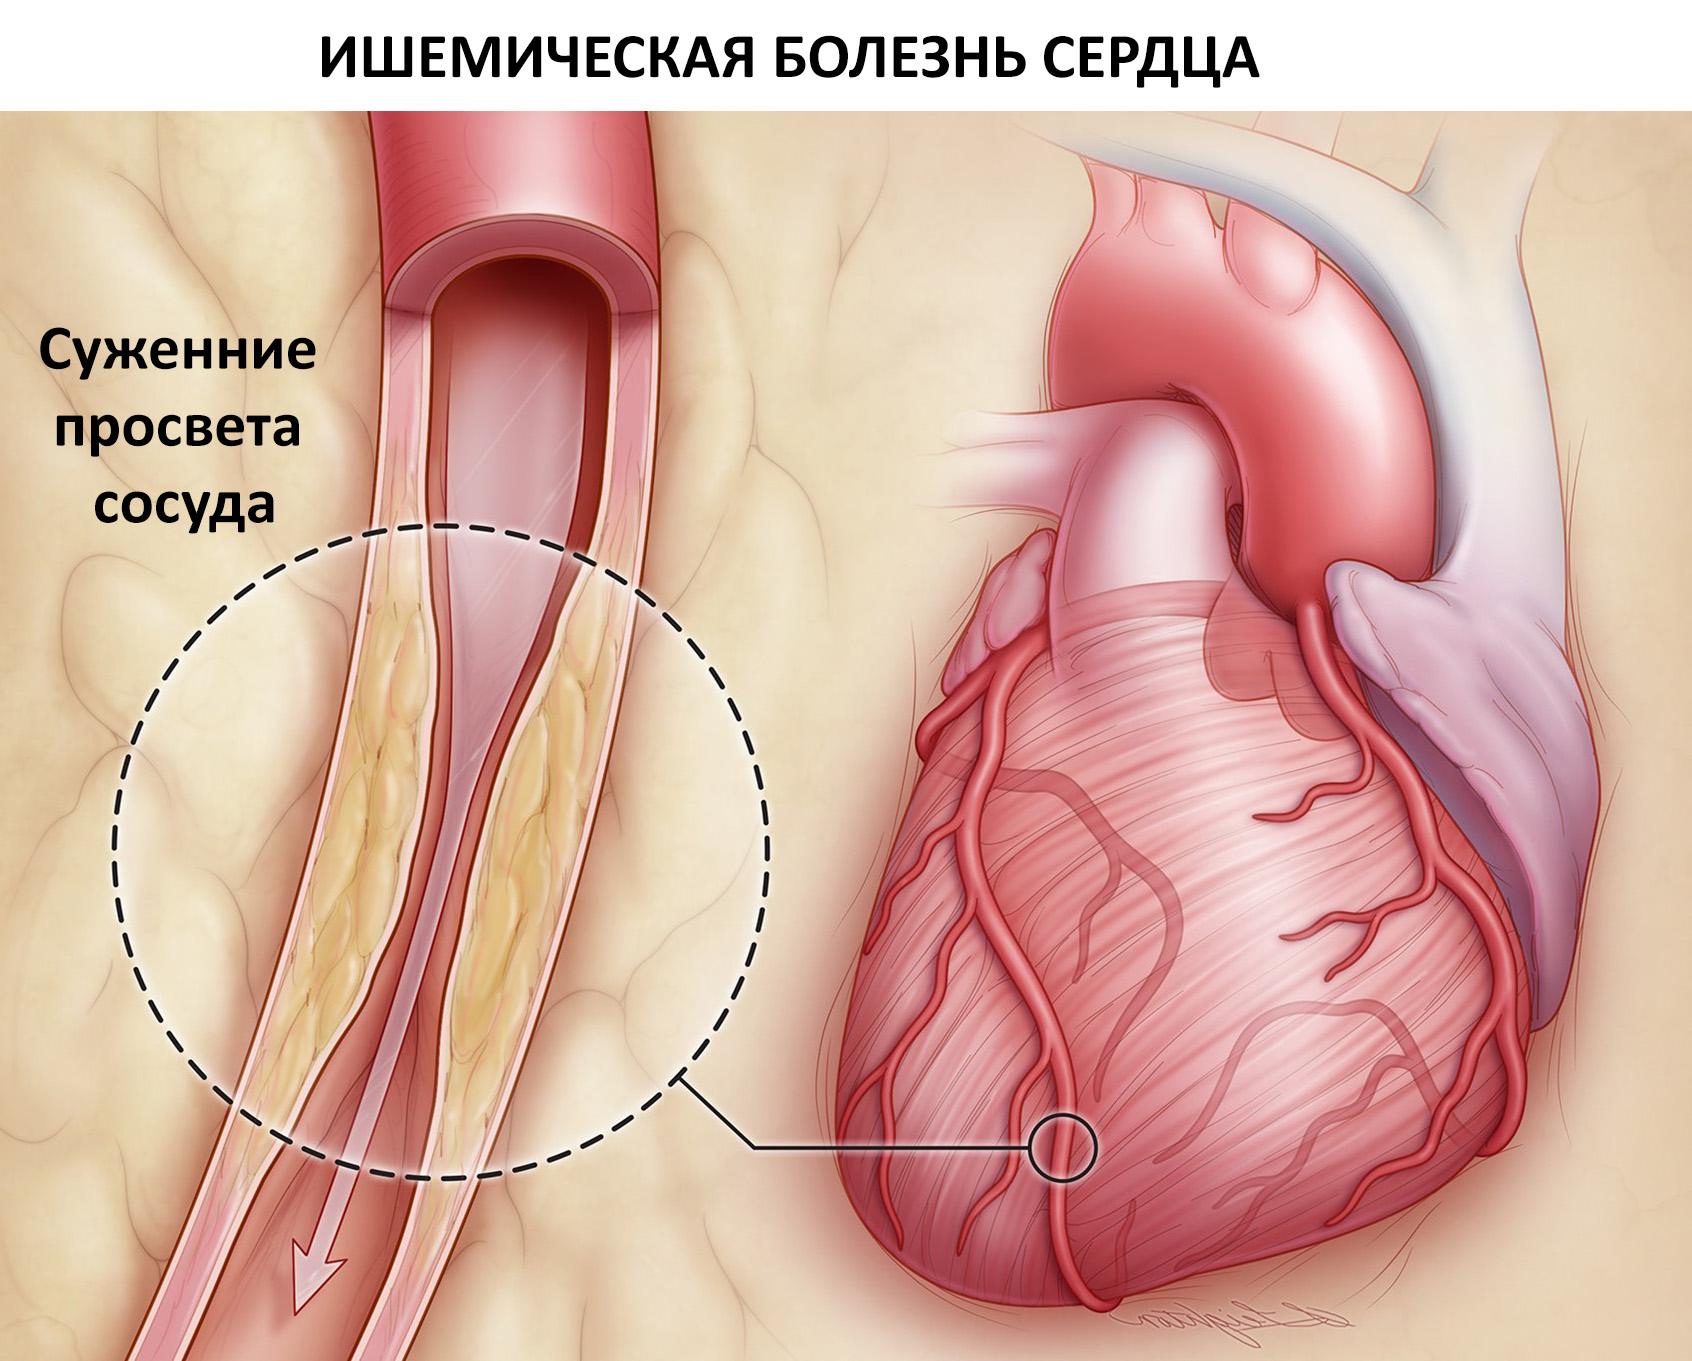 причины ишемической болезни сердца